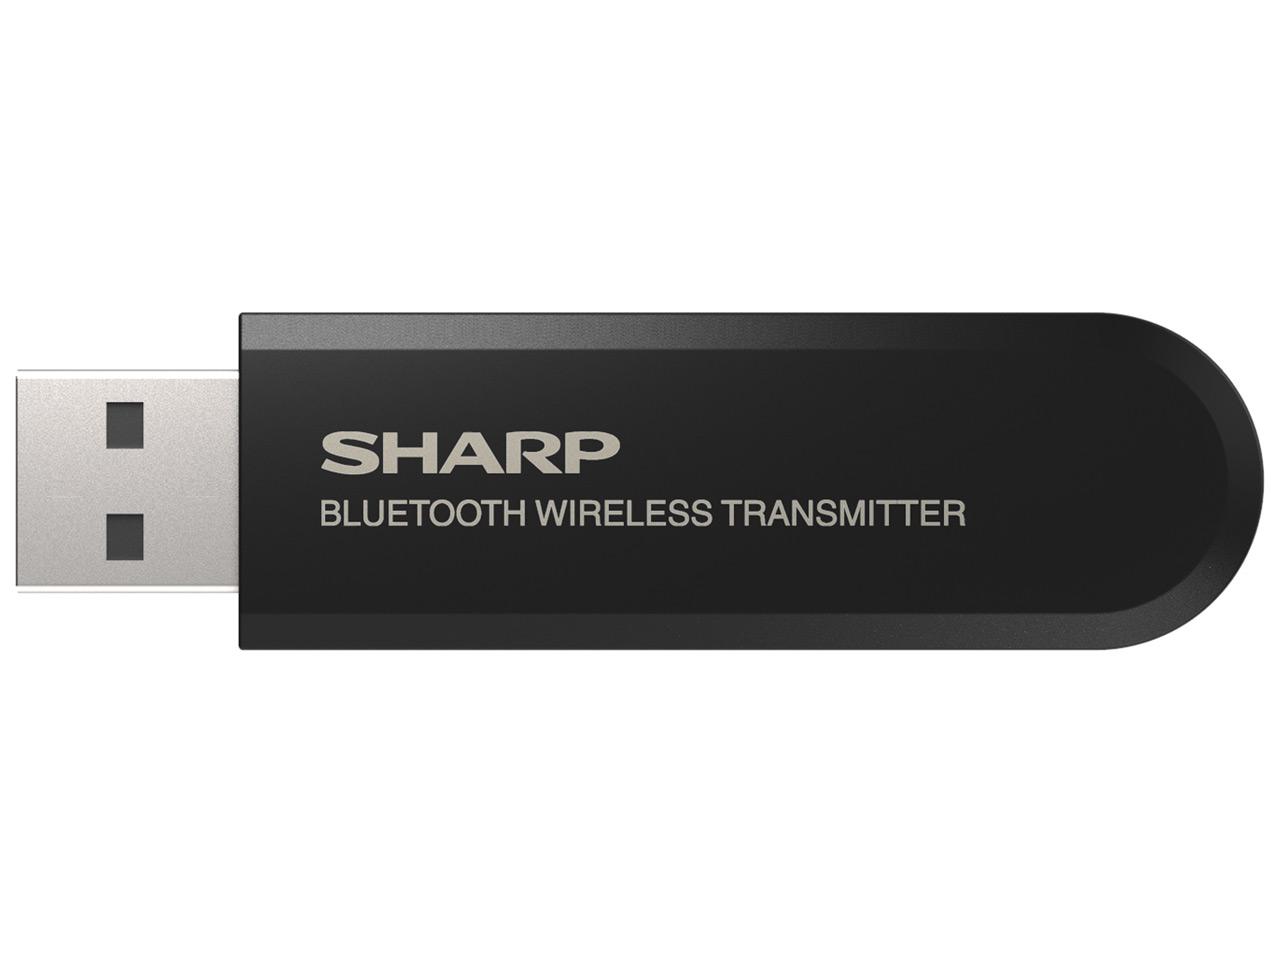 『付属品 Bluetooth送信機』 AQUOSサウンドパートナー AN-SS1-B [ブラック] の製品画像